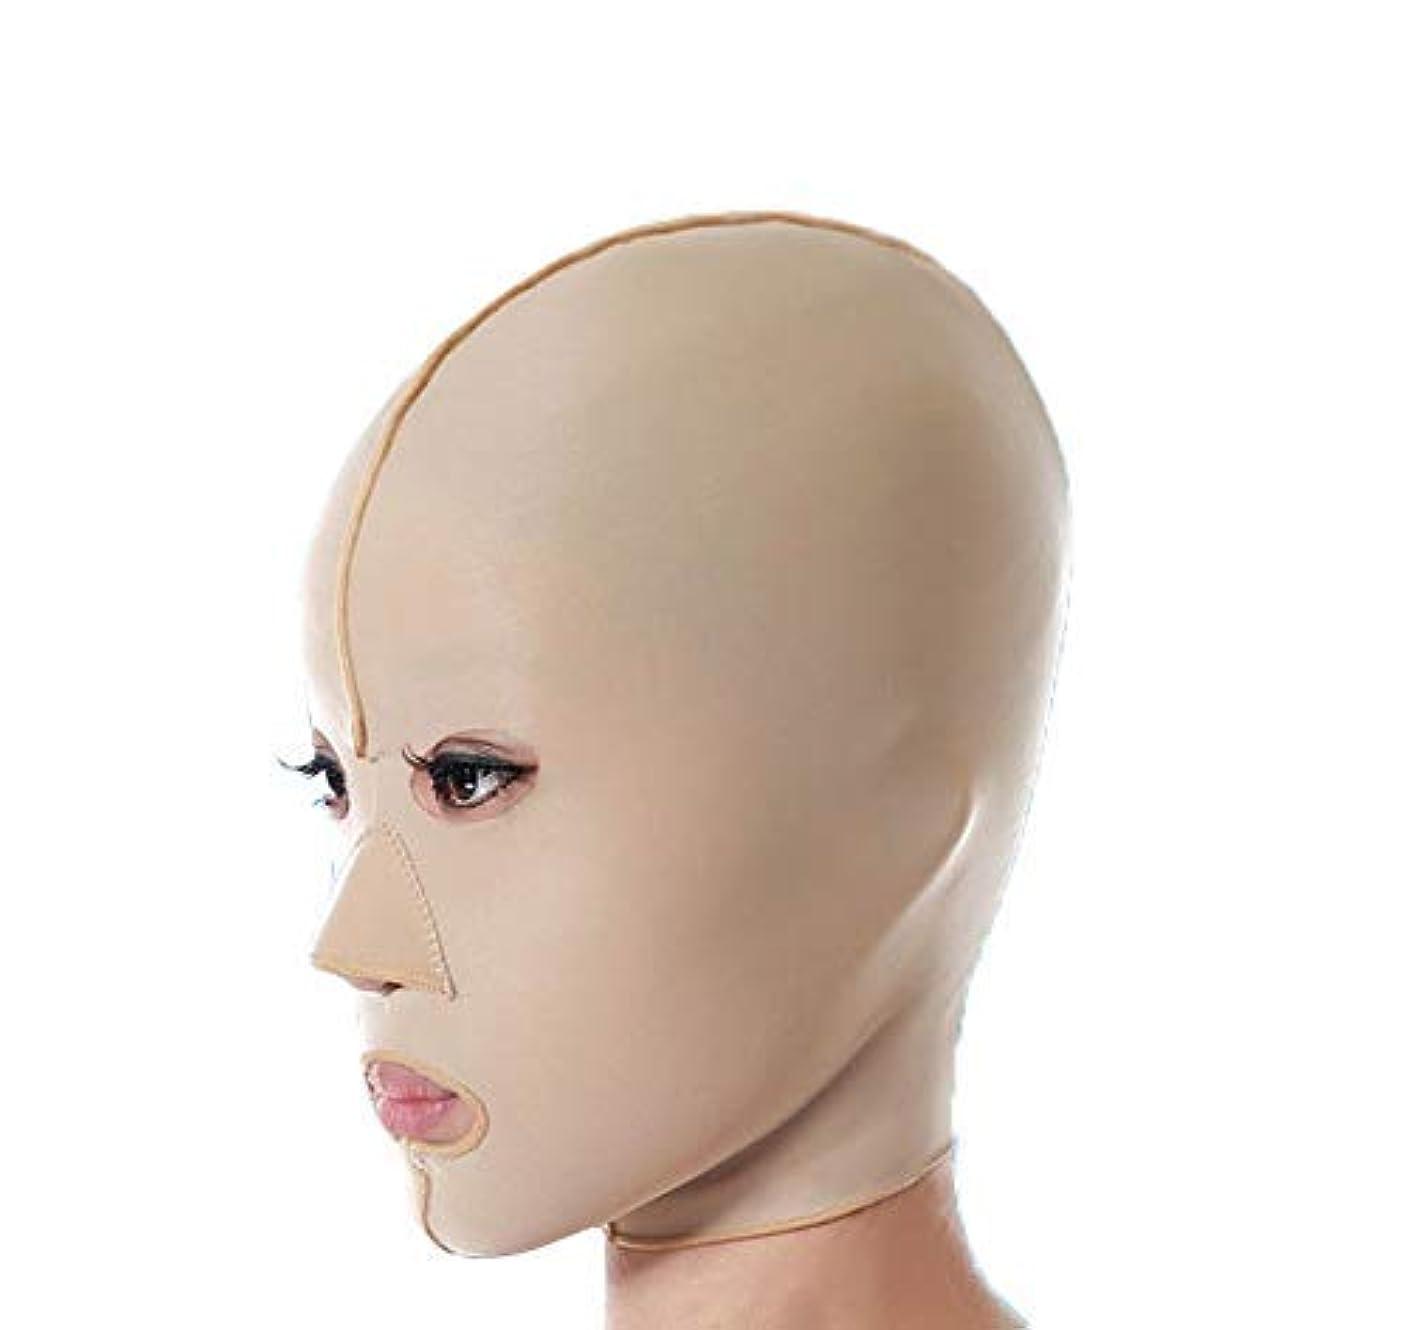 ファーミングフェイスマスク、フェイシャルマスク医学強力なフェイスマスクアーティファクト美容垂れ防止法パターンフェイシャルリフティングファーミングフルフェイスマスク(サイズ:M),ザ?